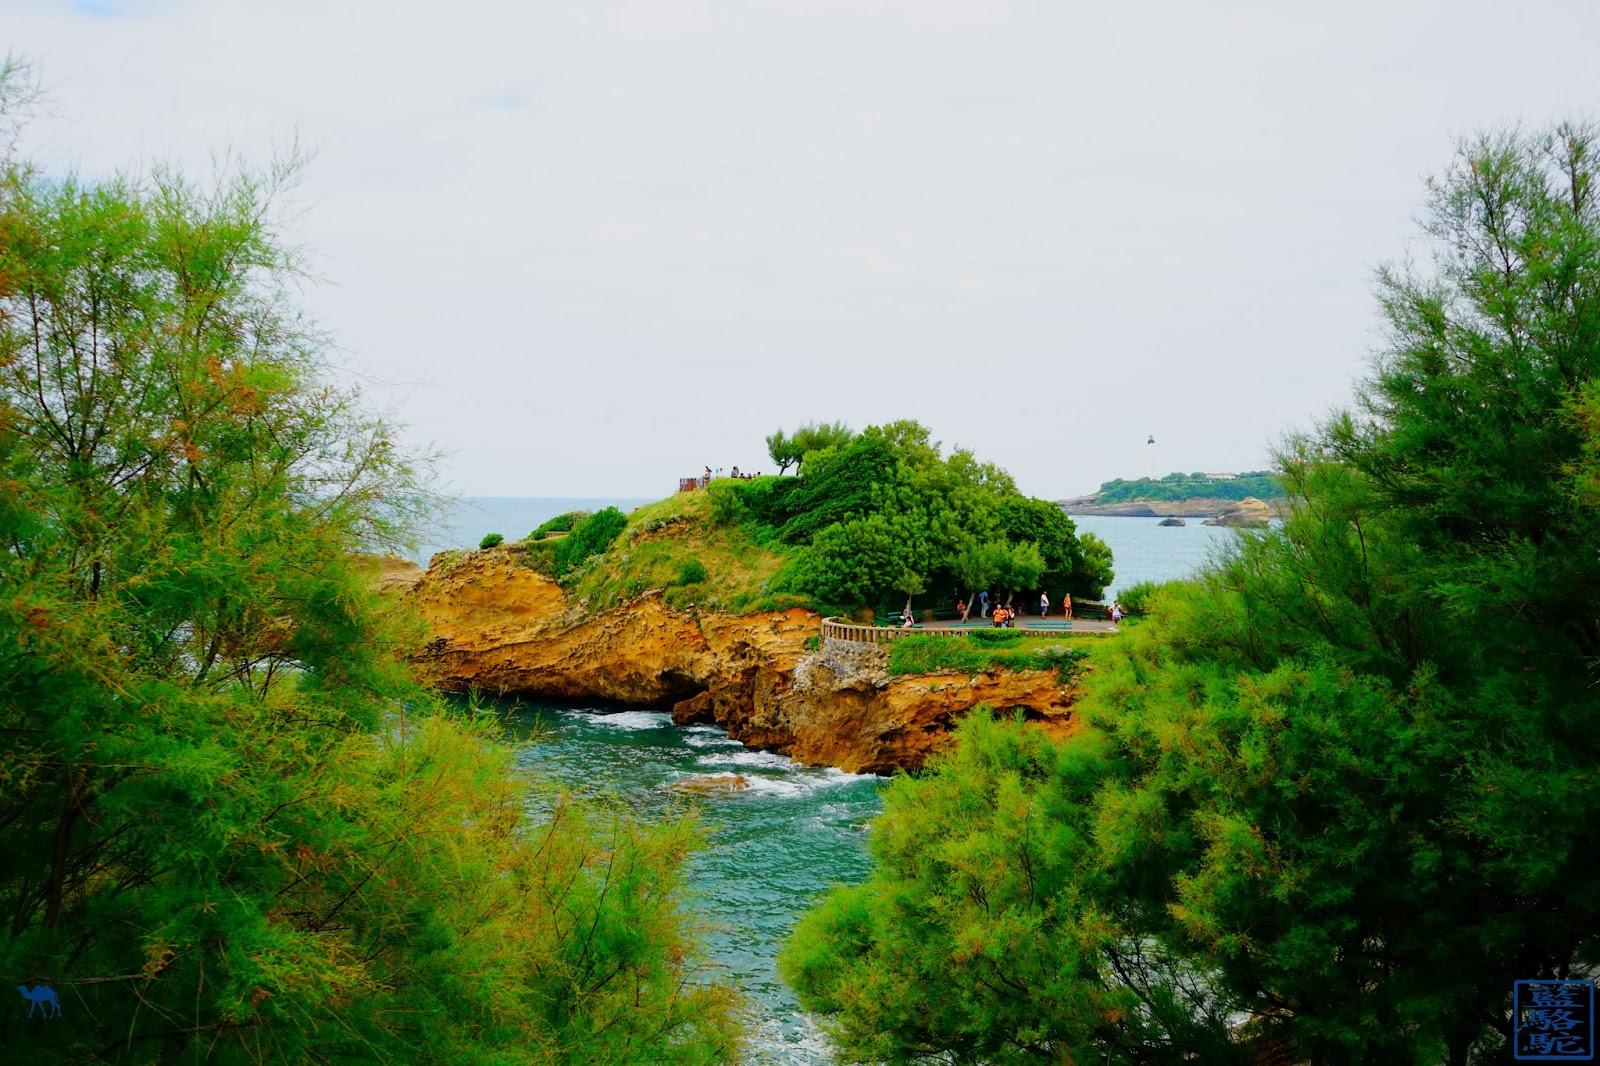 Le Chameau Bleu - Biarritz - rocher du Basta- Cote basque